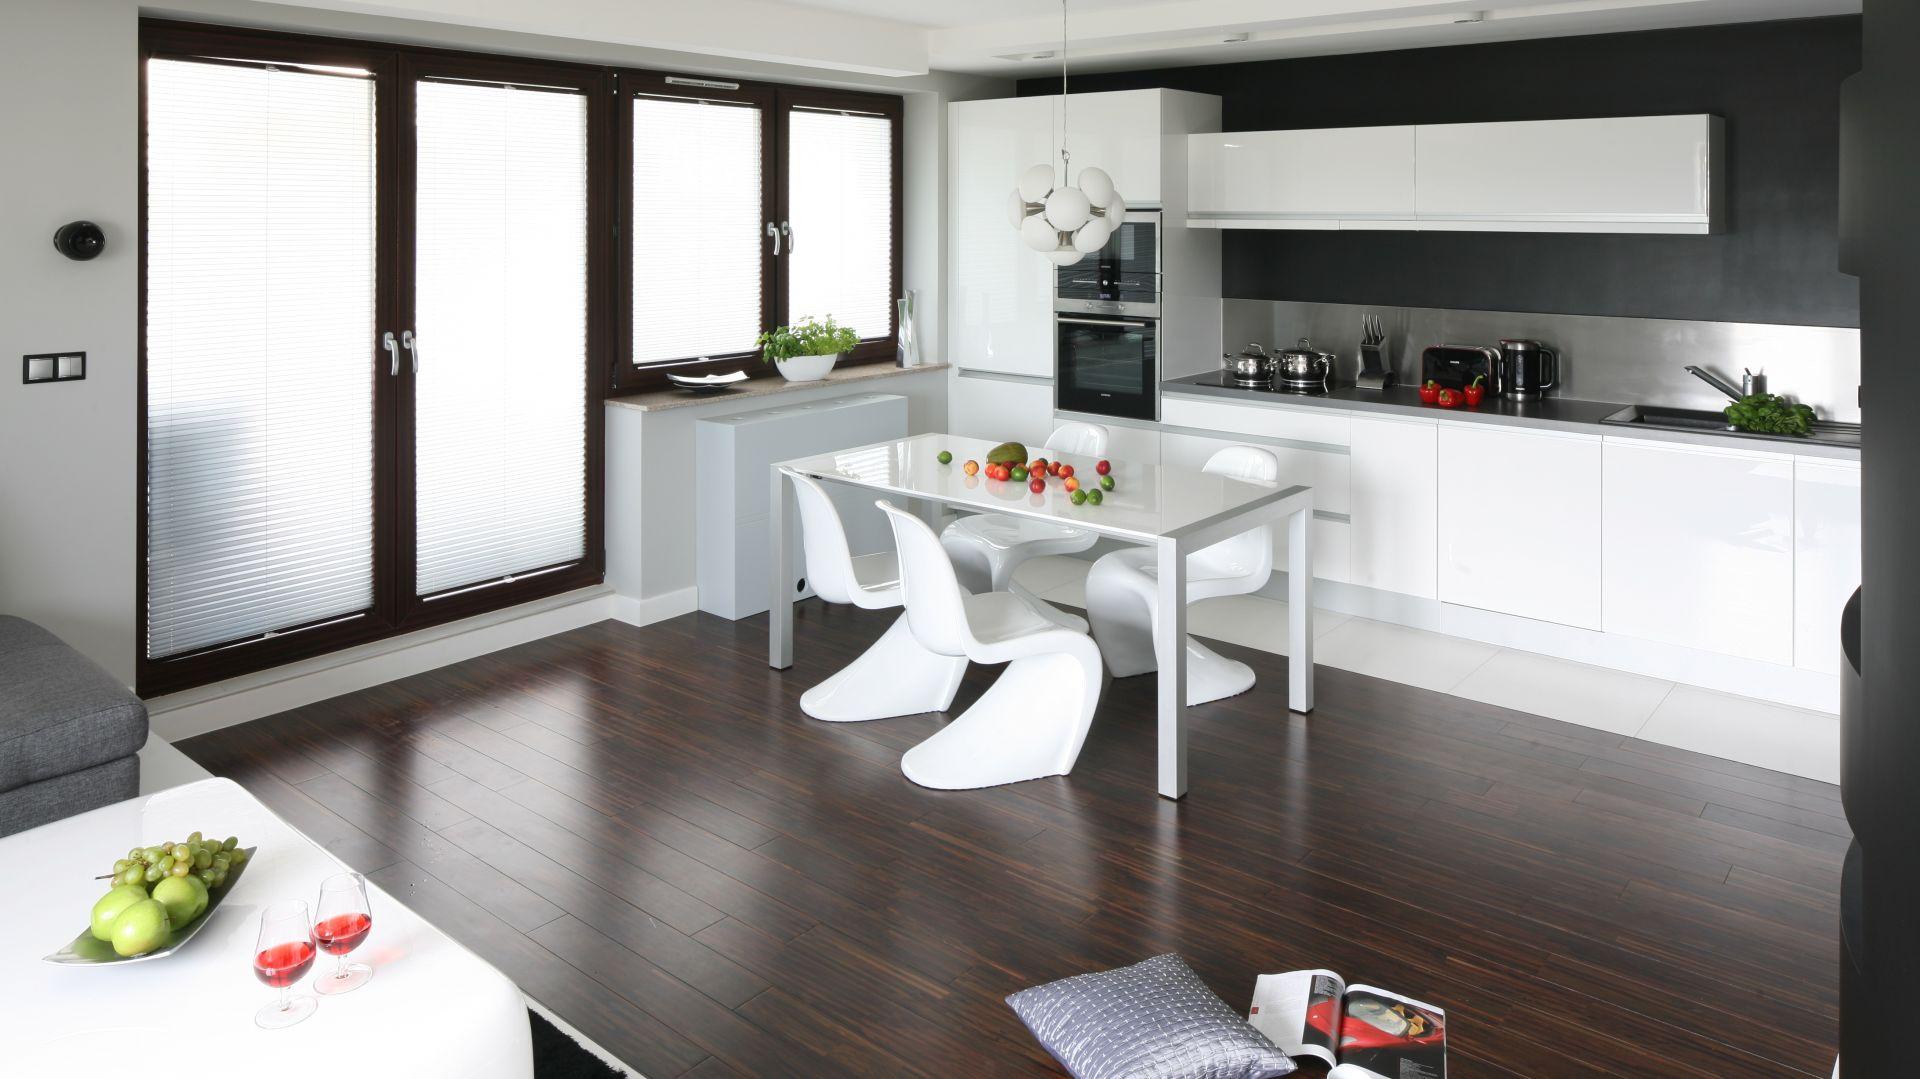 Biały stół do jadali to klasa i elegancja sama w sobie. Nie przytłacza wnętrza i ładnie komponuje się z resztą mieszkania. Projekt: Agnieszka Burzyszkowska-Walkosz Fot. Bartosz Jarosz